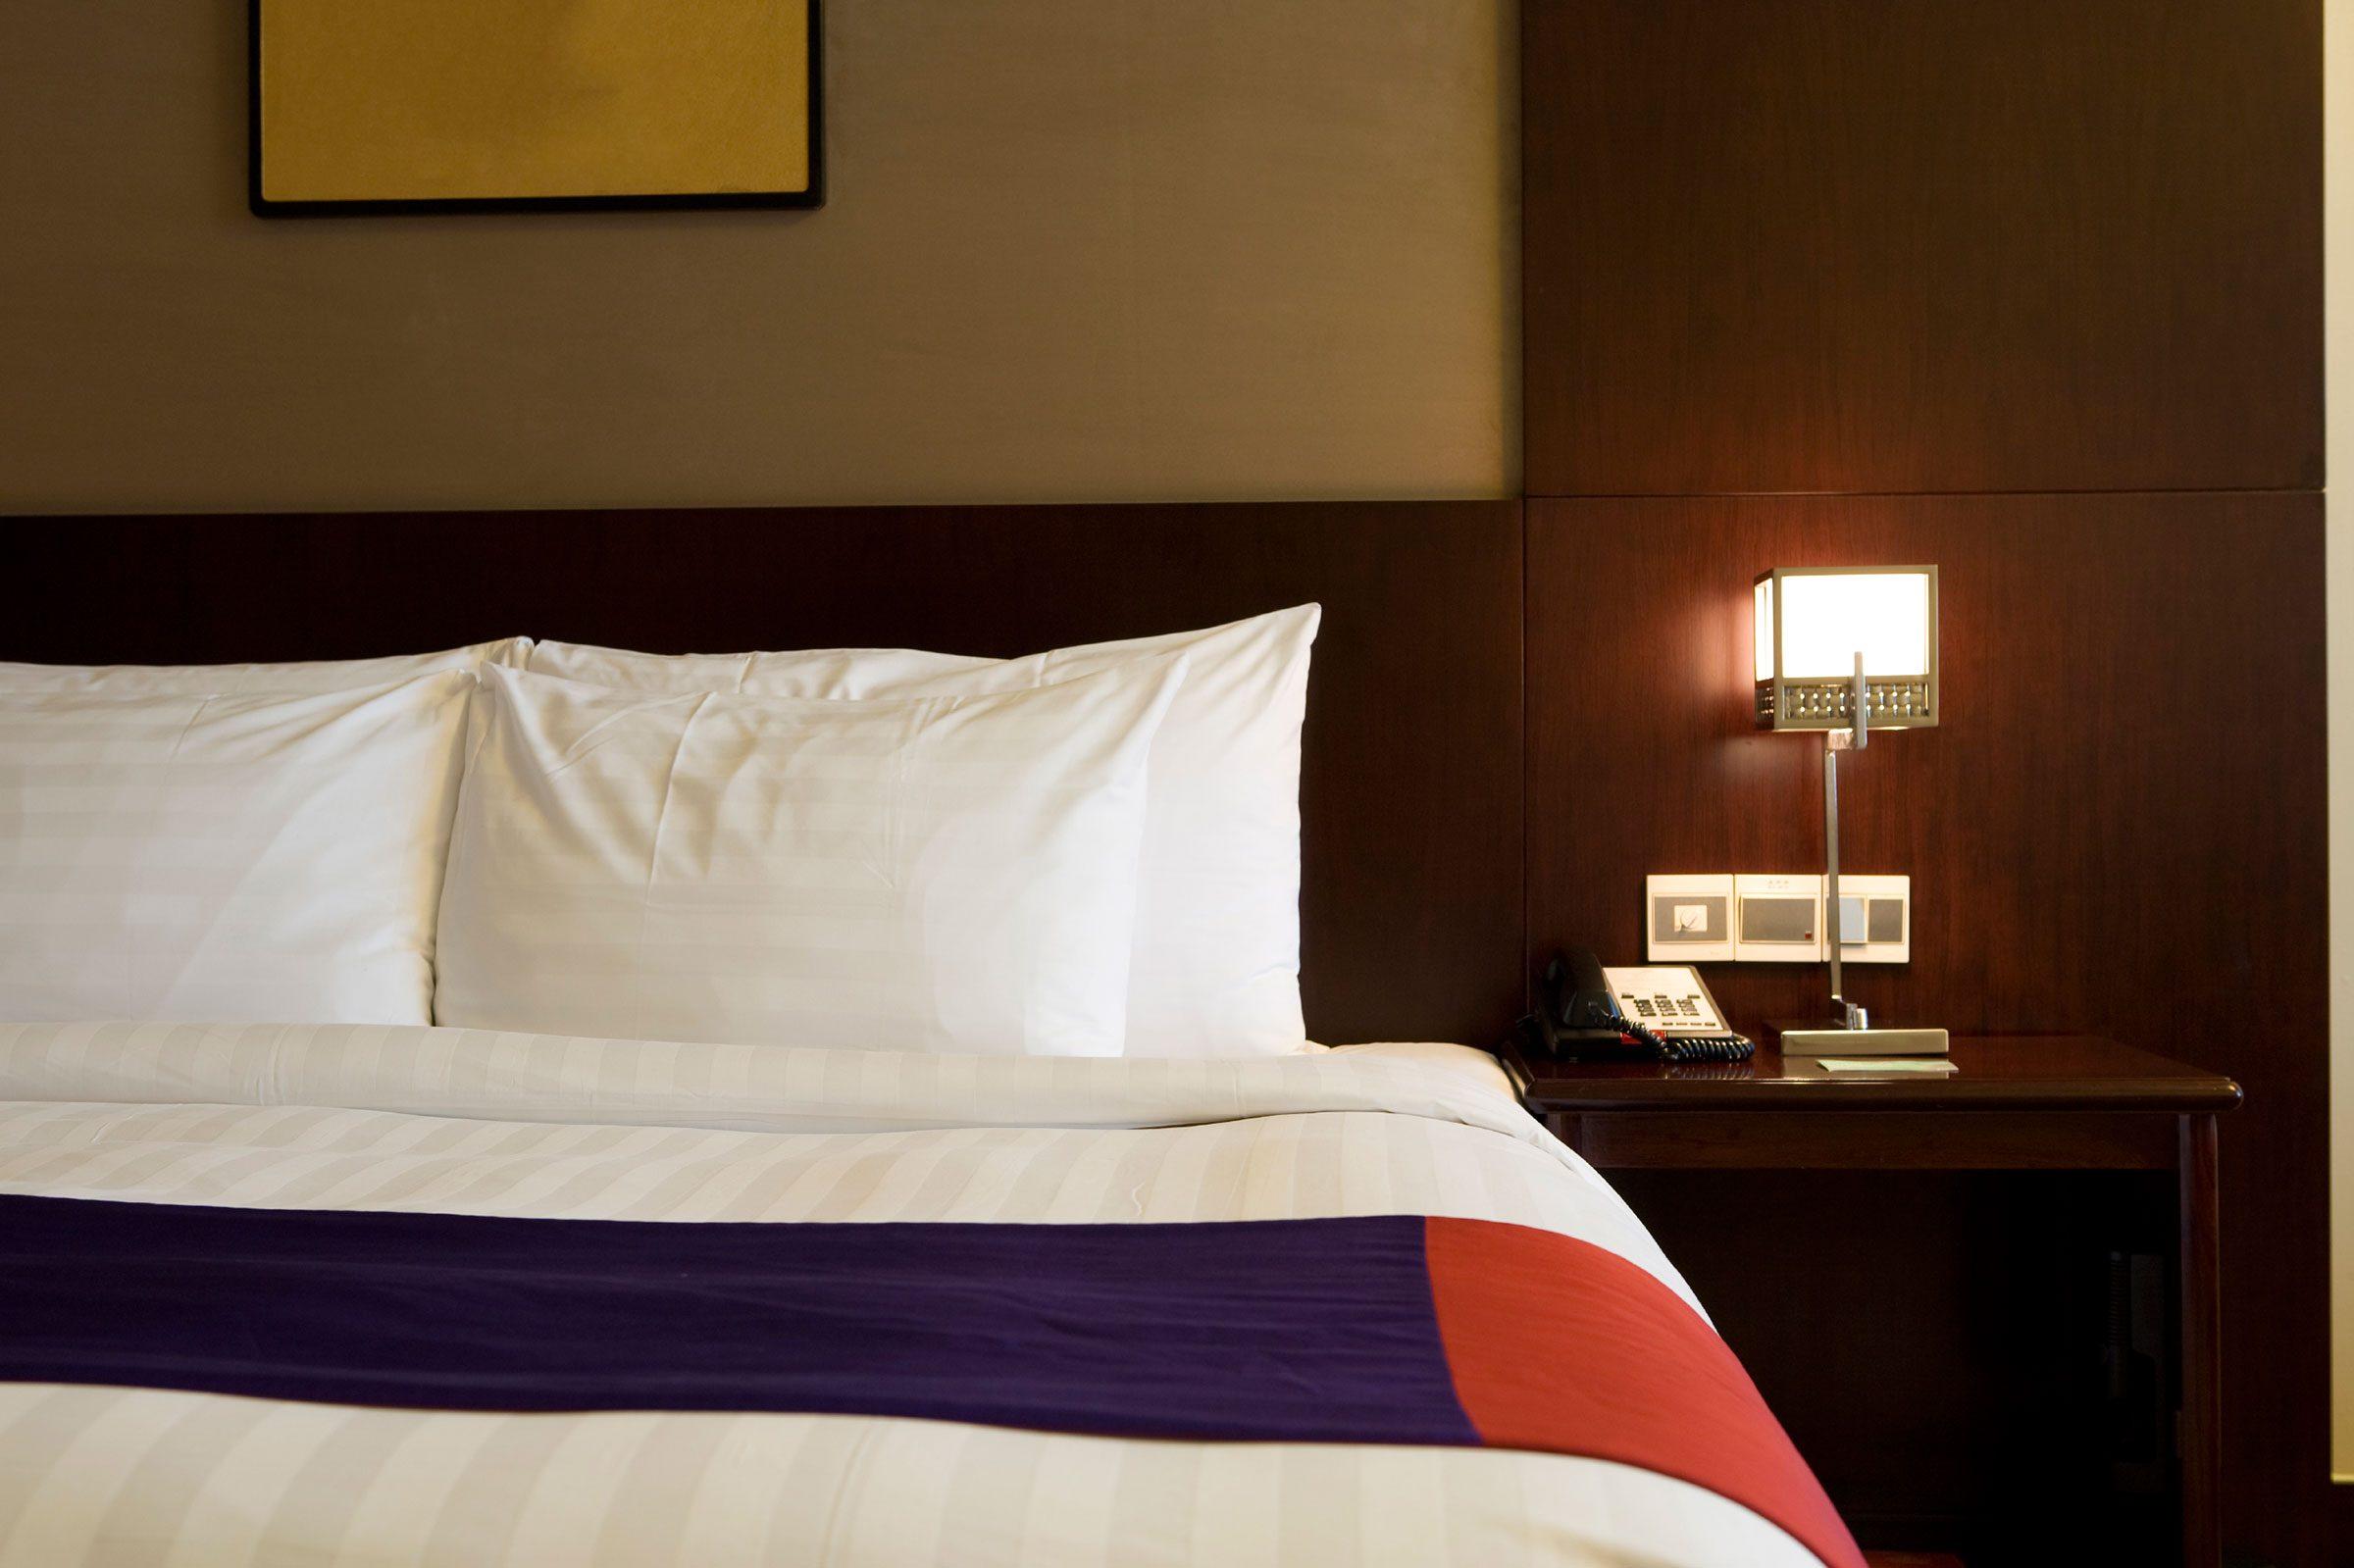 Tại sao nhân viên khách sạn thường gõ cửa trước khi vào phòng dù biết không có khách bên trong? - Ảnh 2.